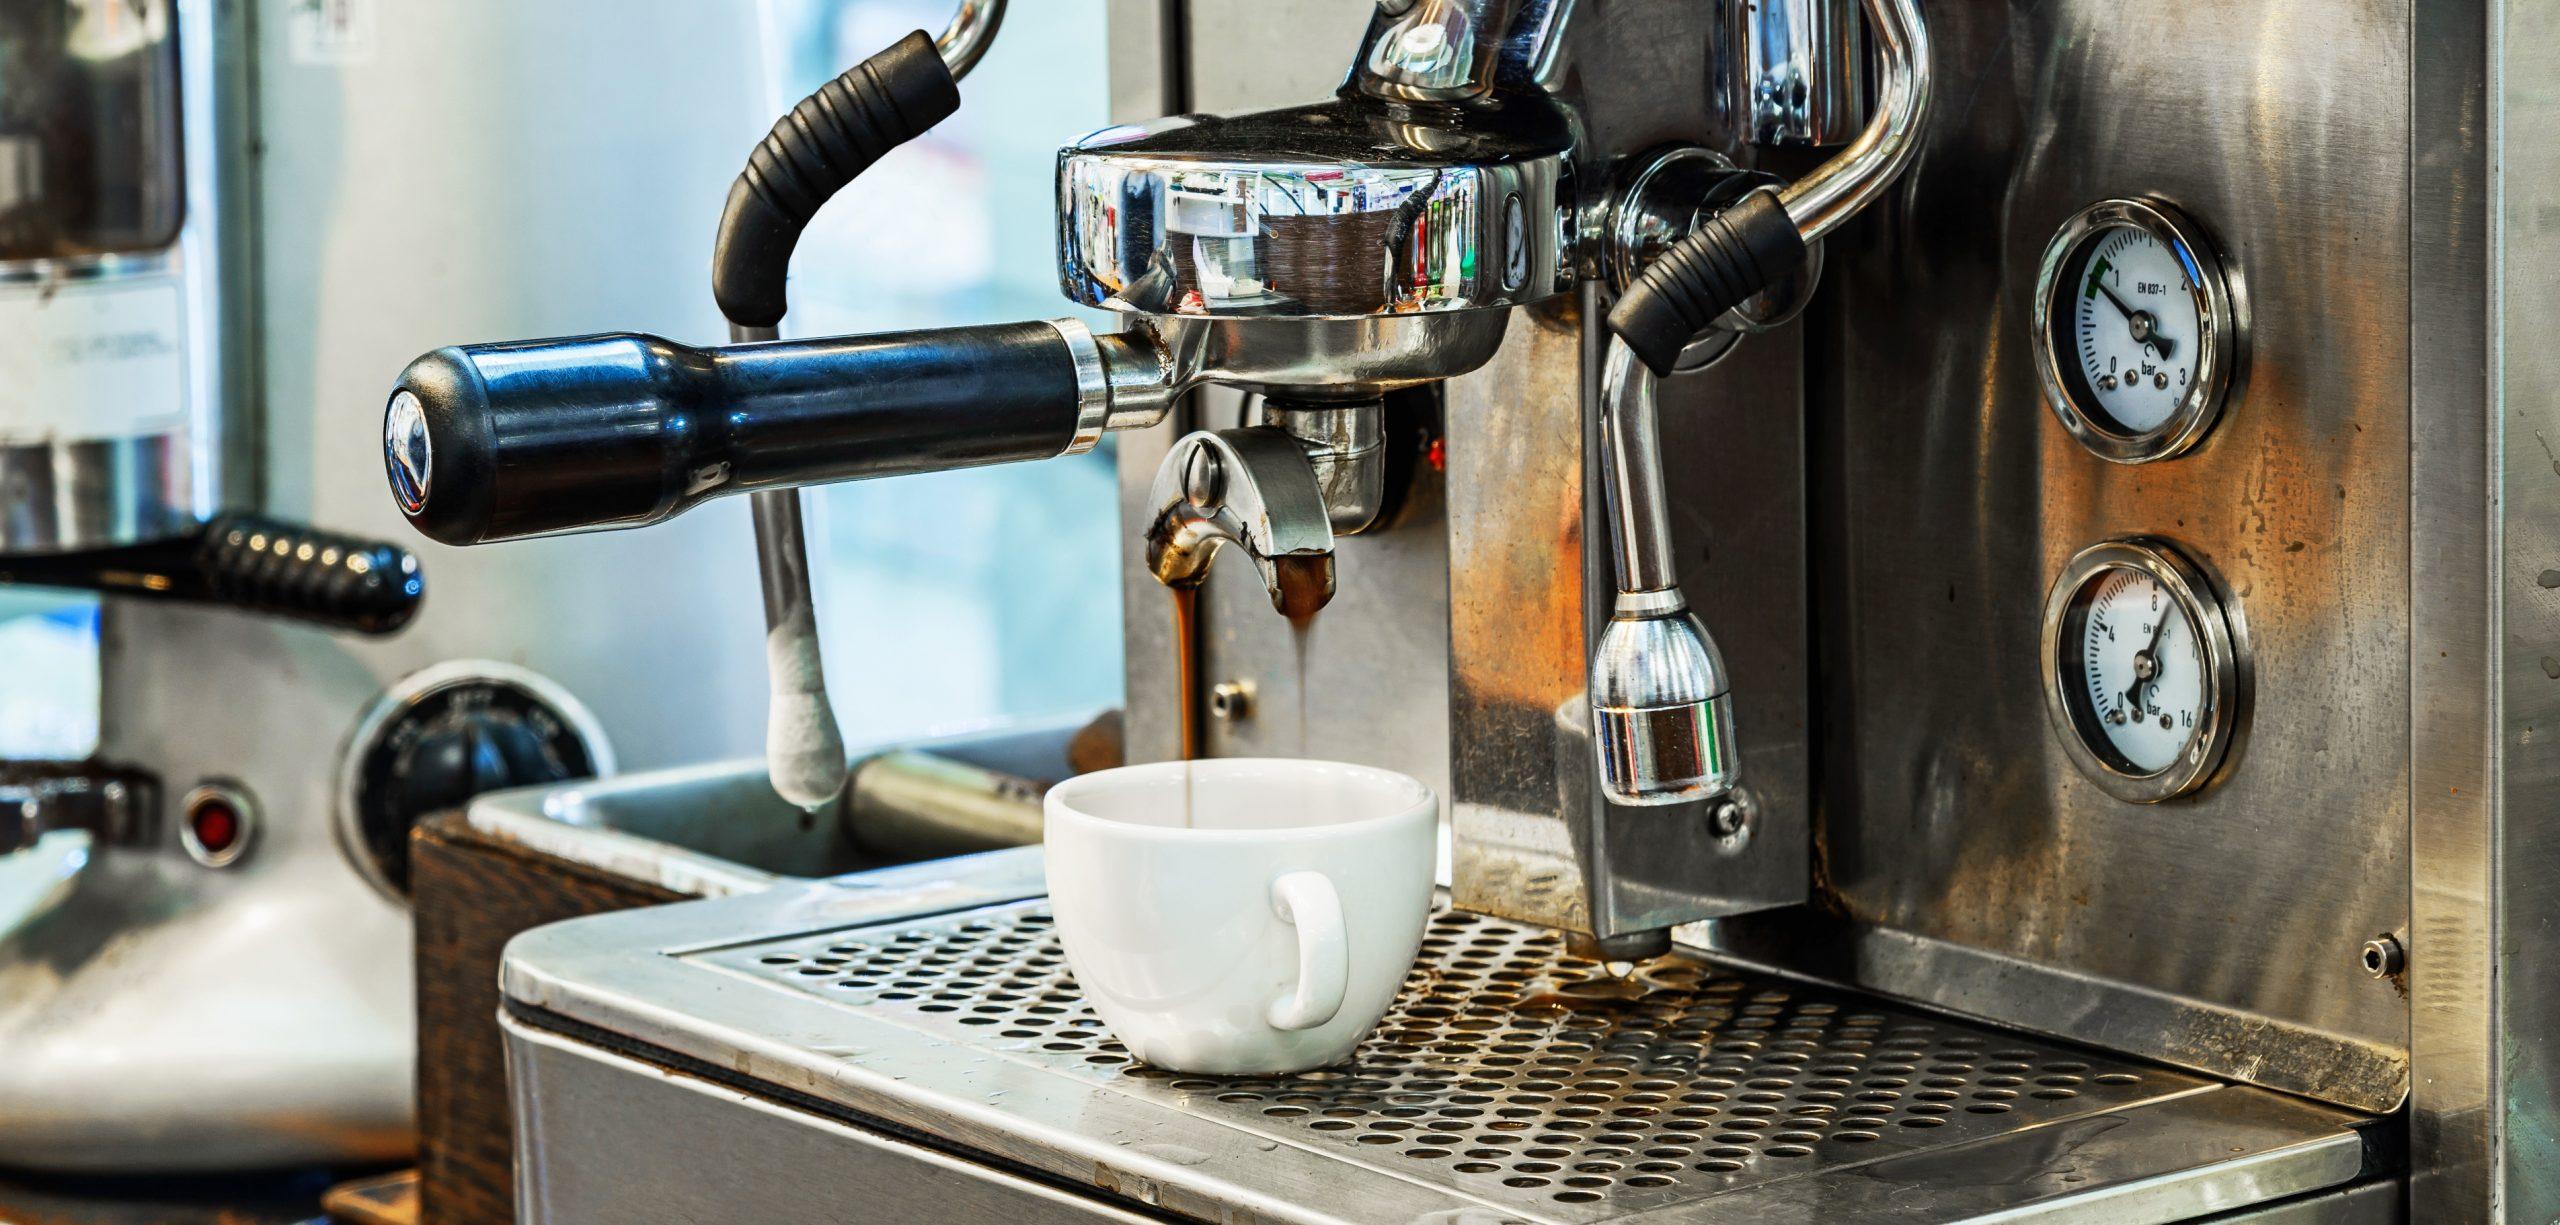 Miglior macchina da caffè professionale 2021: Guida all'acquisto